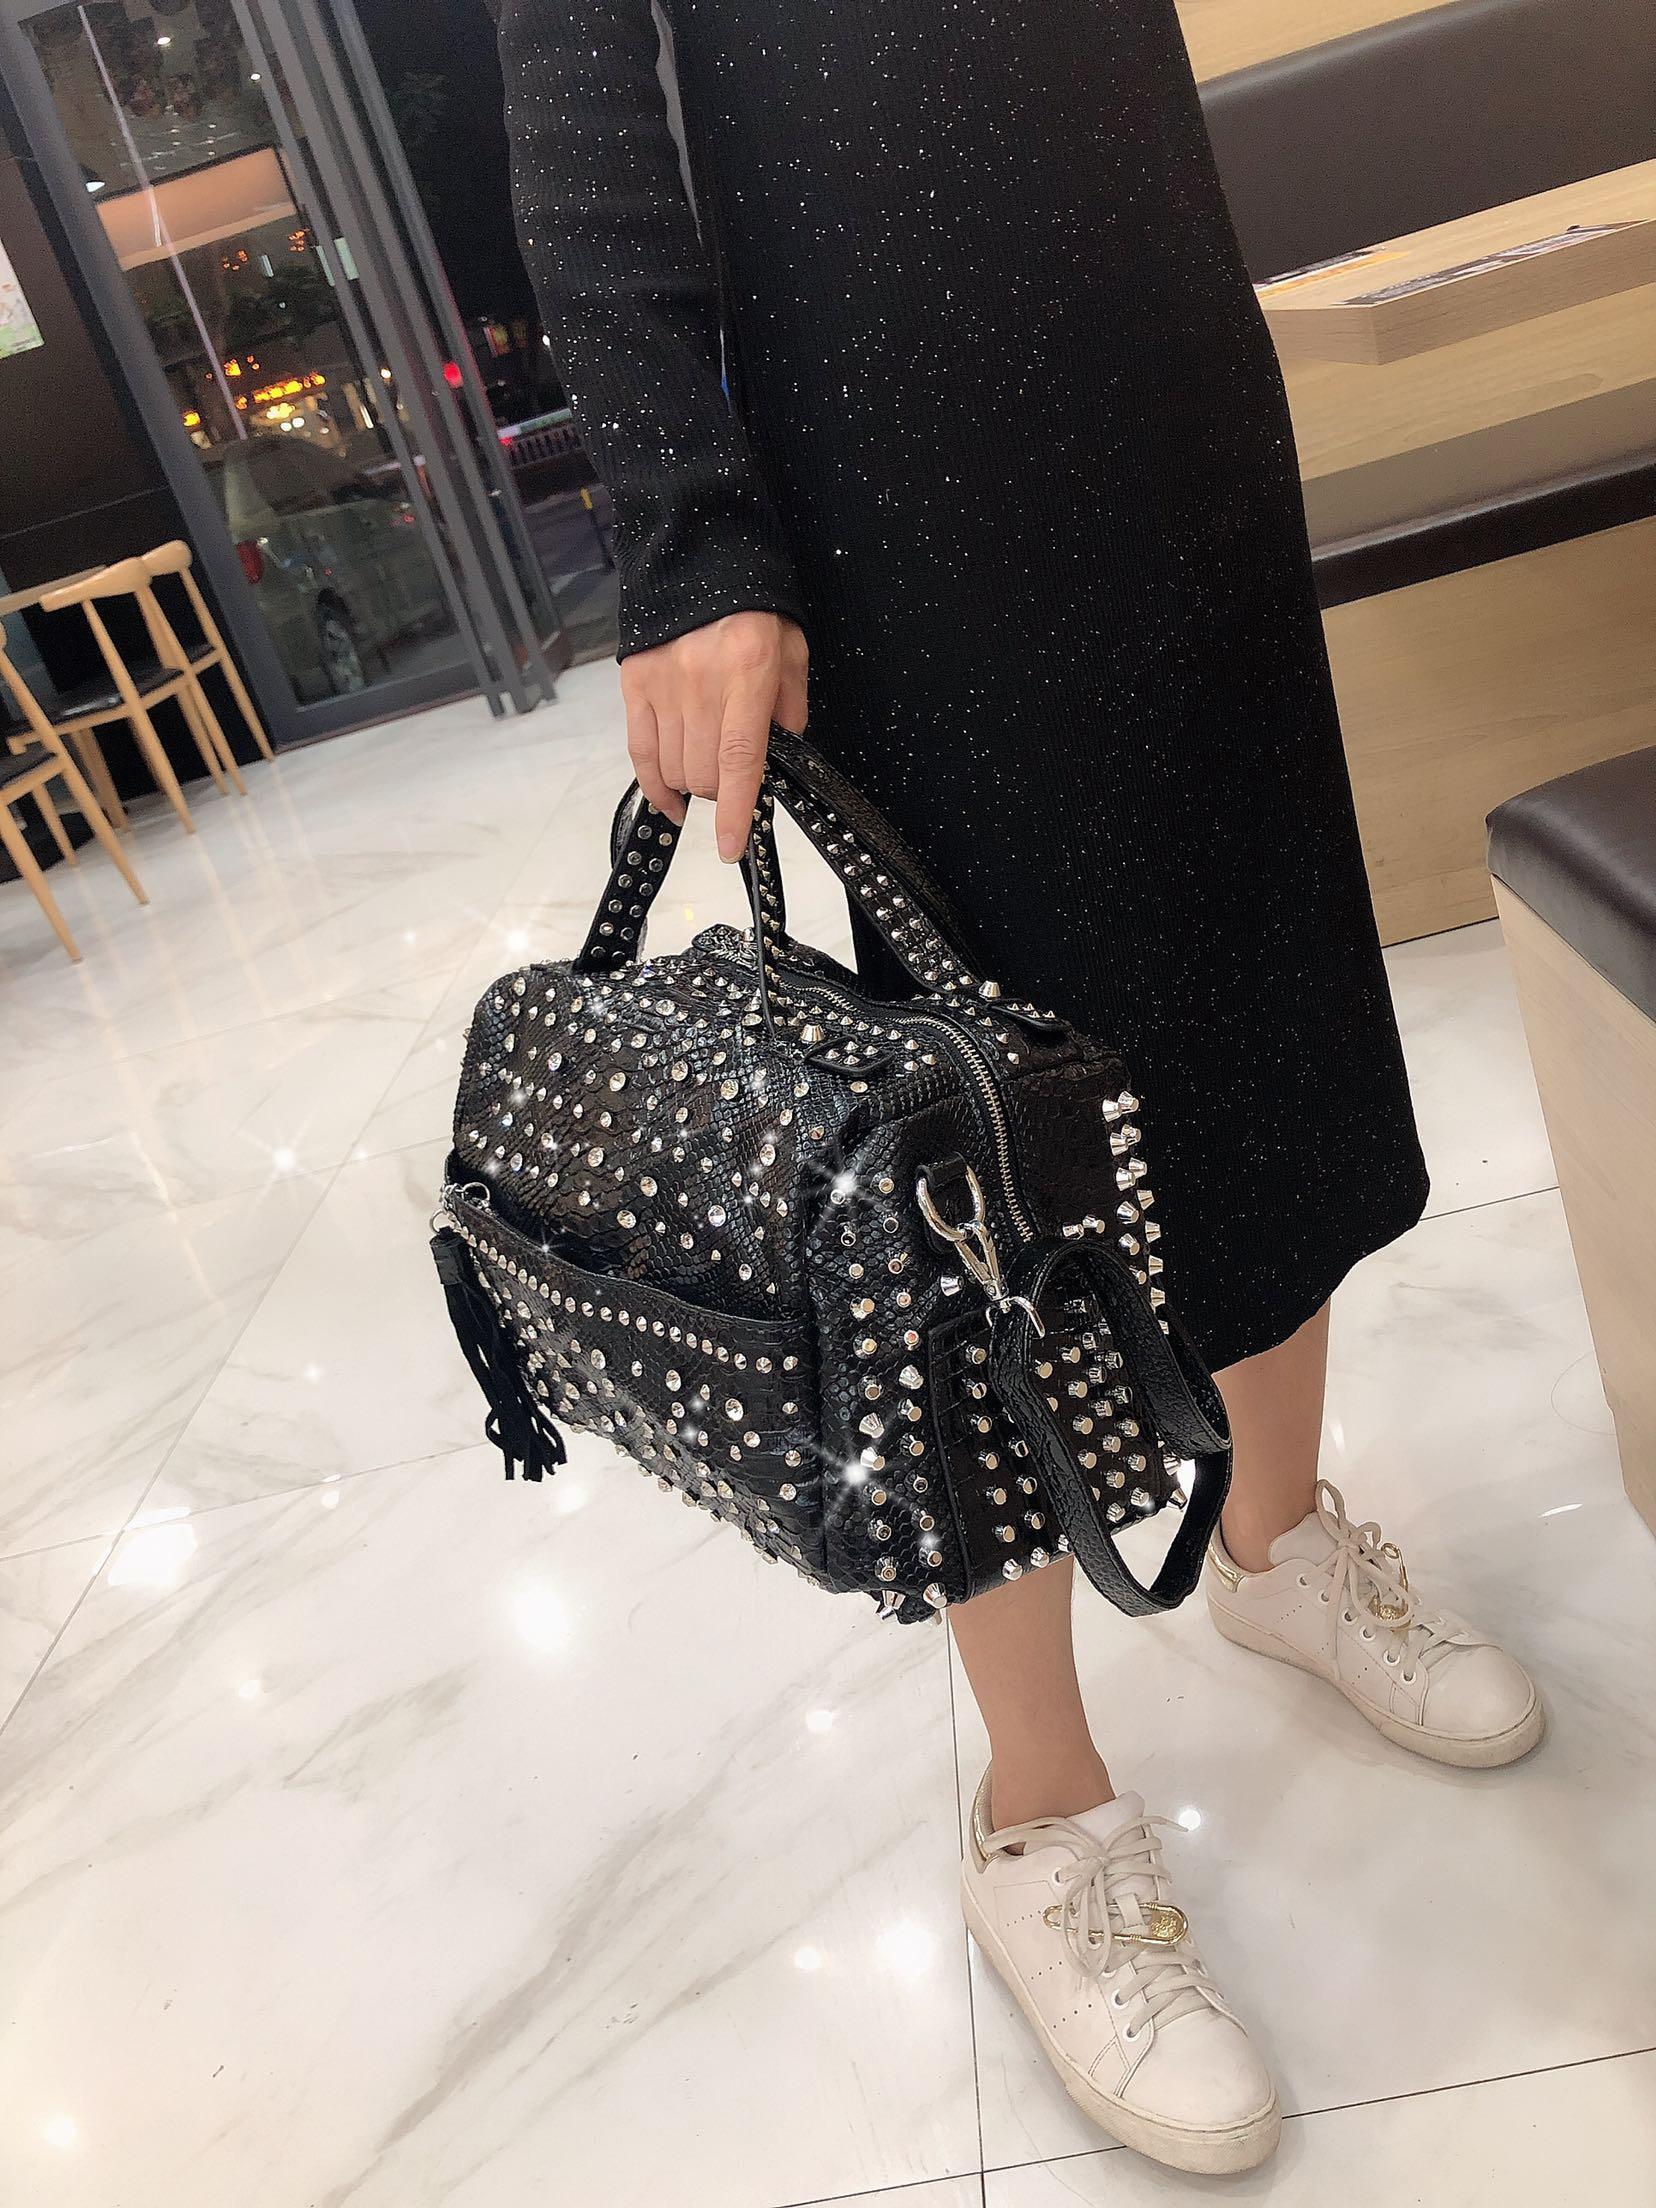 New Trend Handbags Personality Fashion Retro Leopard Rhinestone Handbag Rivet Shoulder Bag Ladies Casual Handbag Messenger Bag